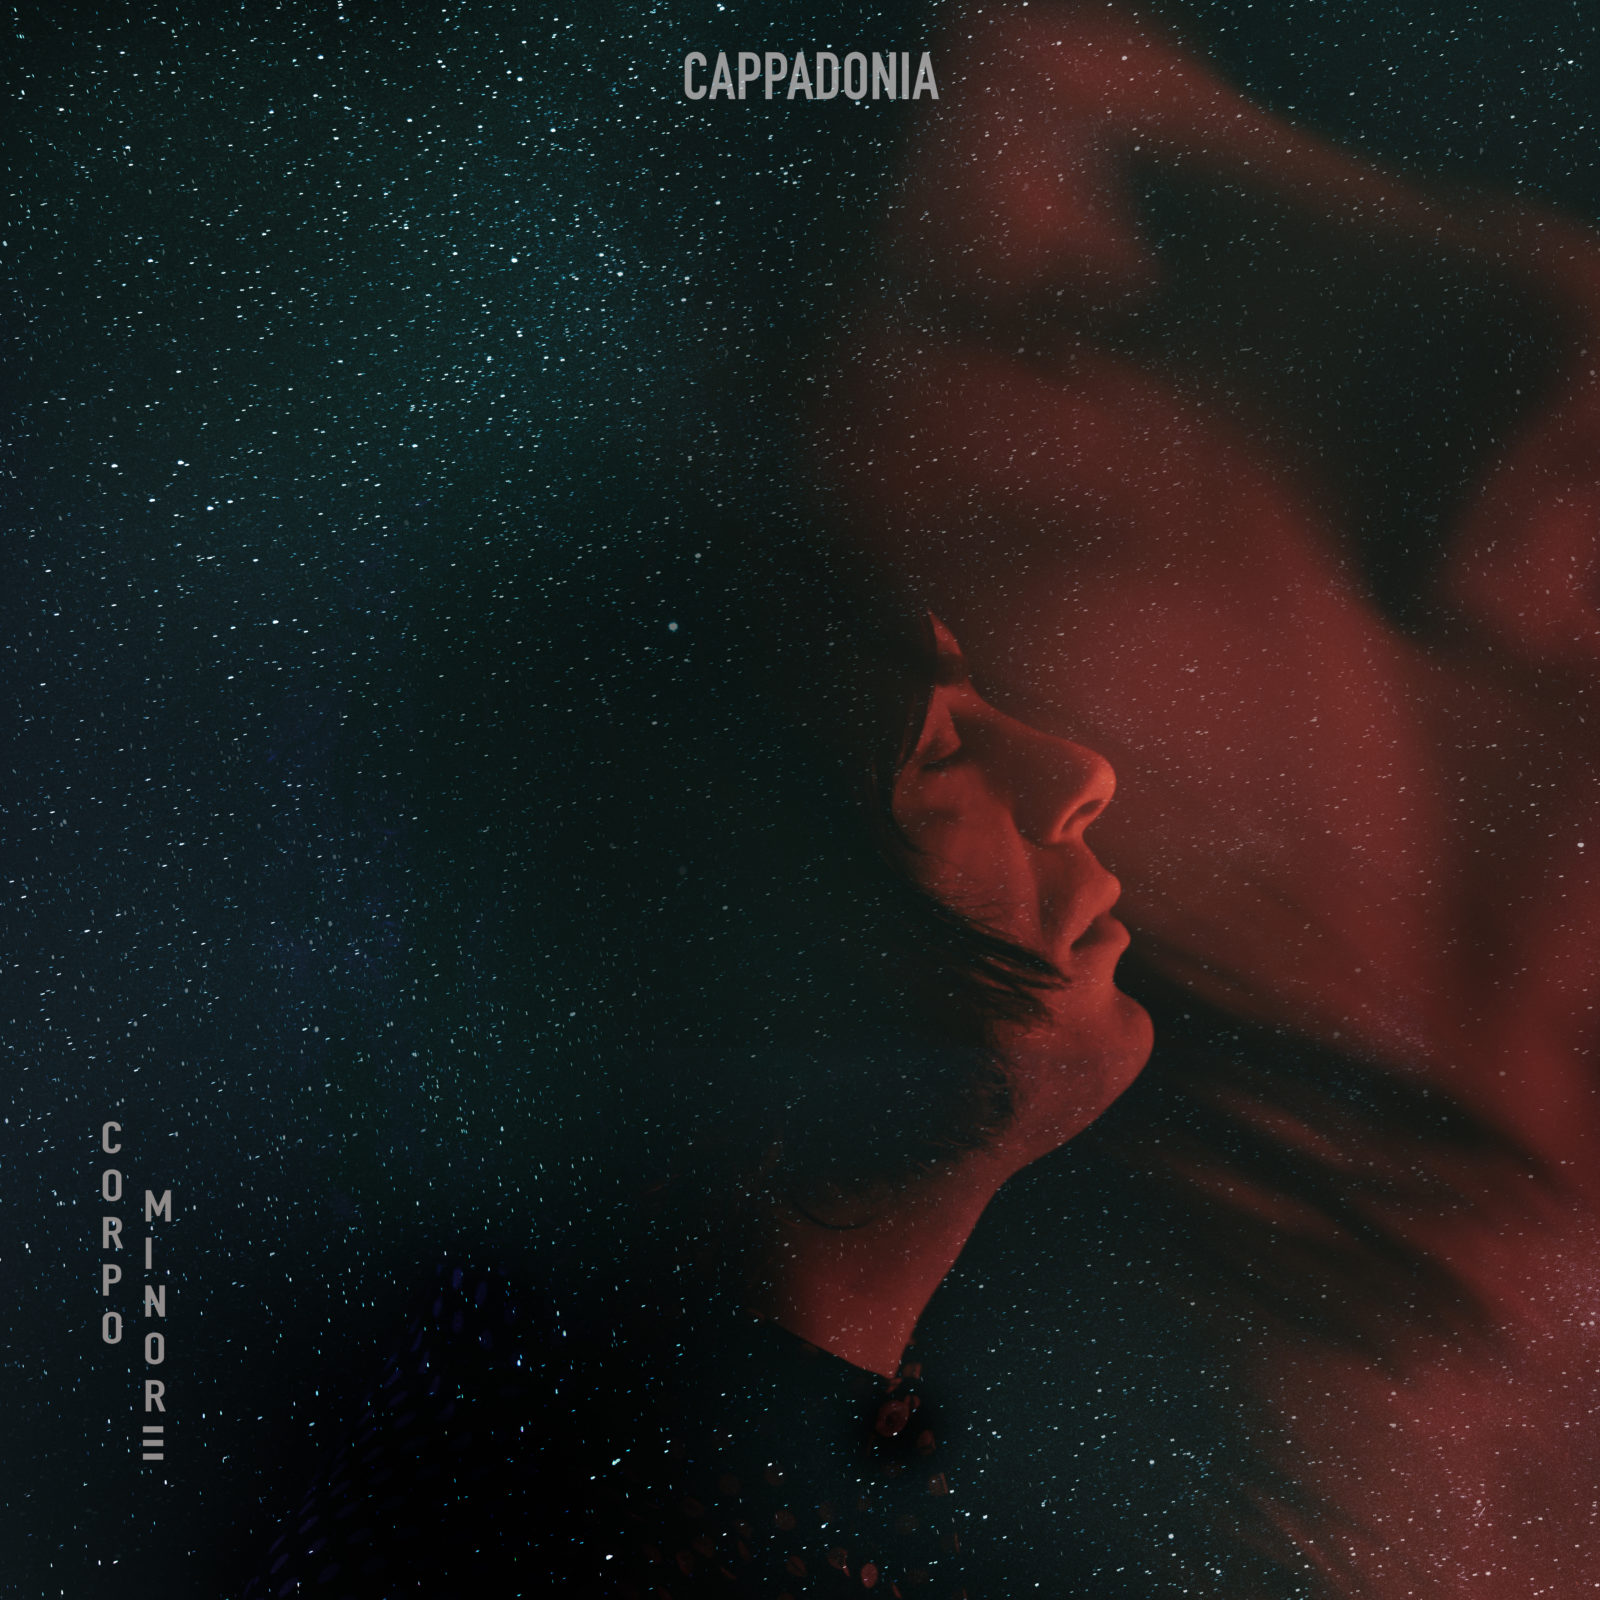 cappadonia corpo minore cover